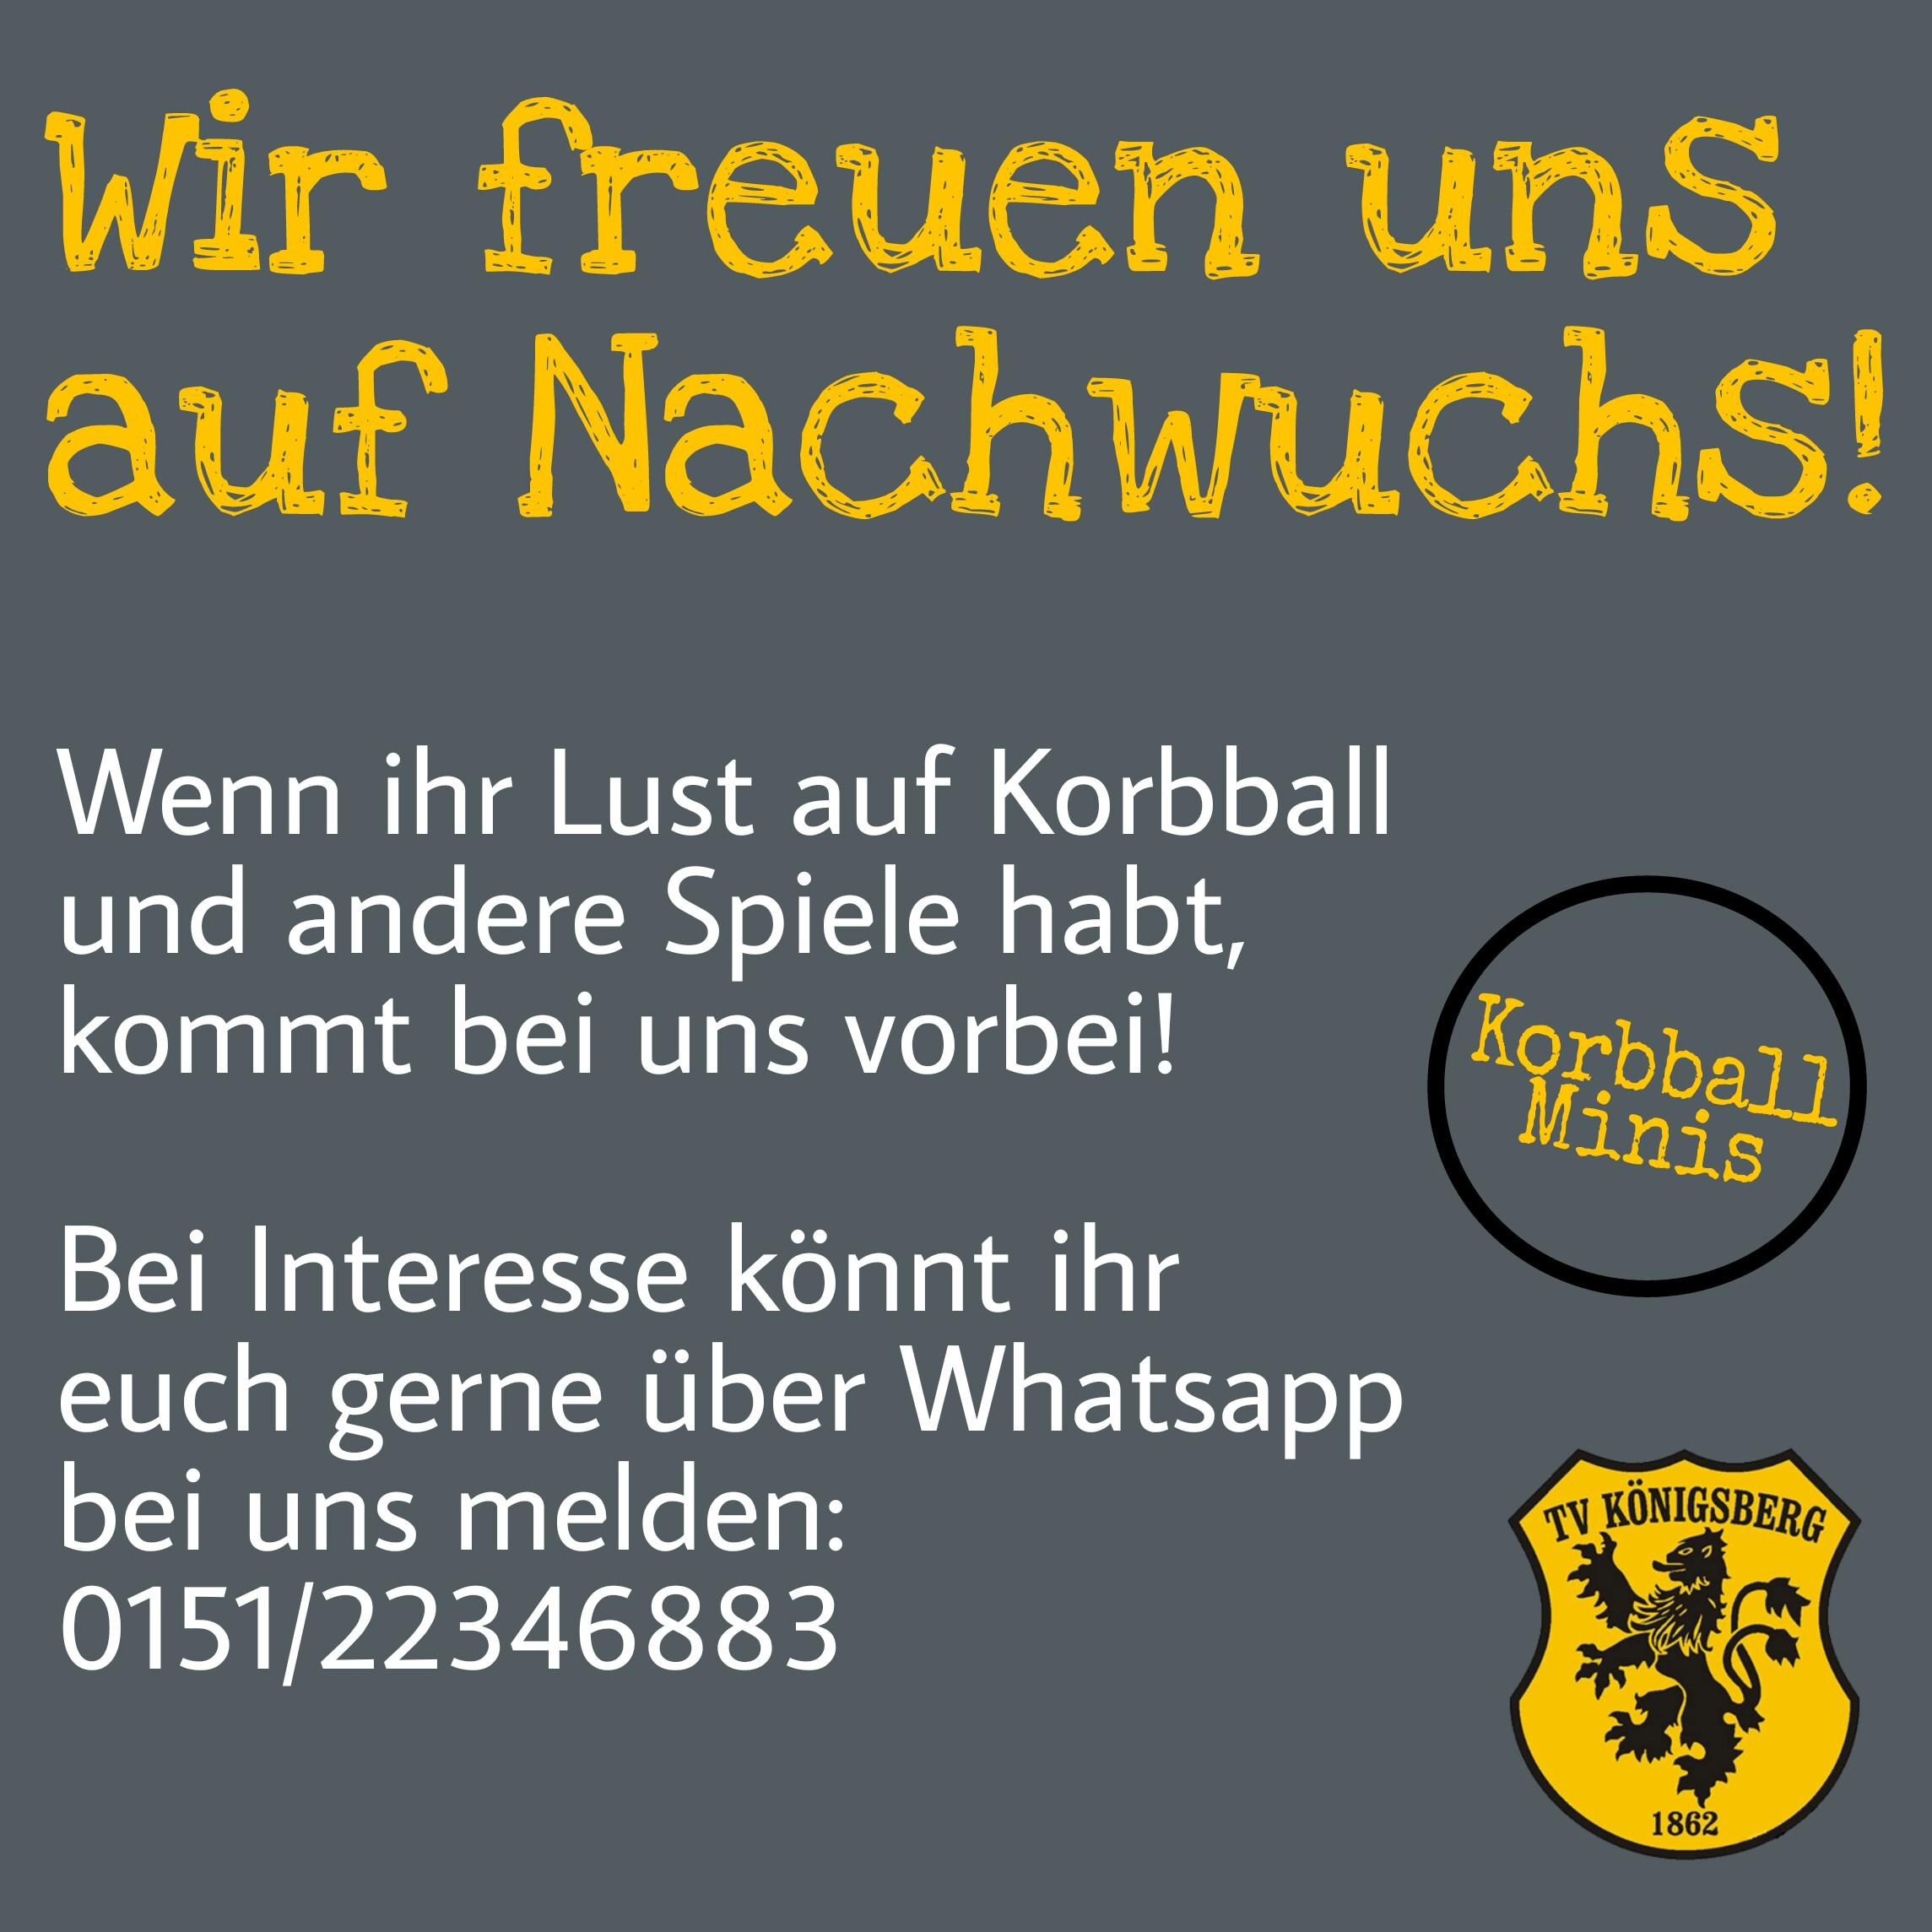 Nachwuchs_Korbball_Minis